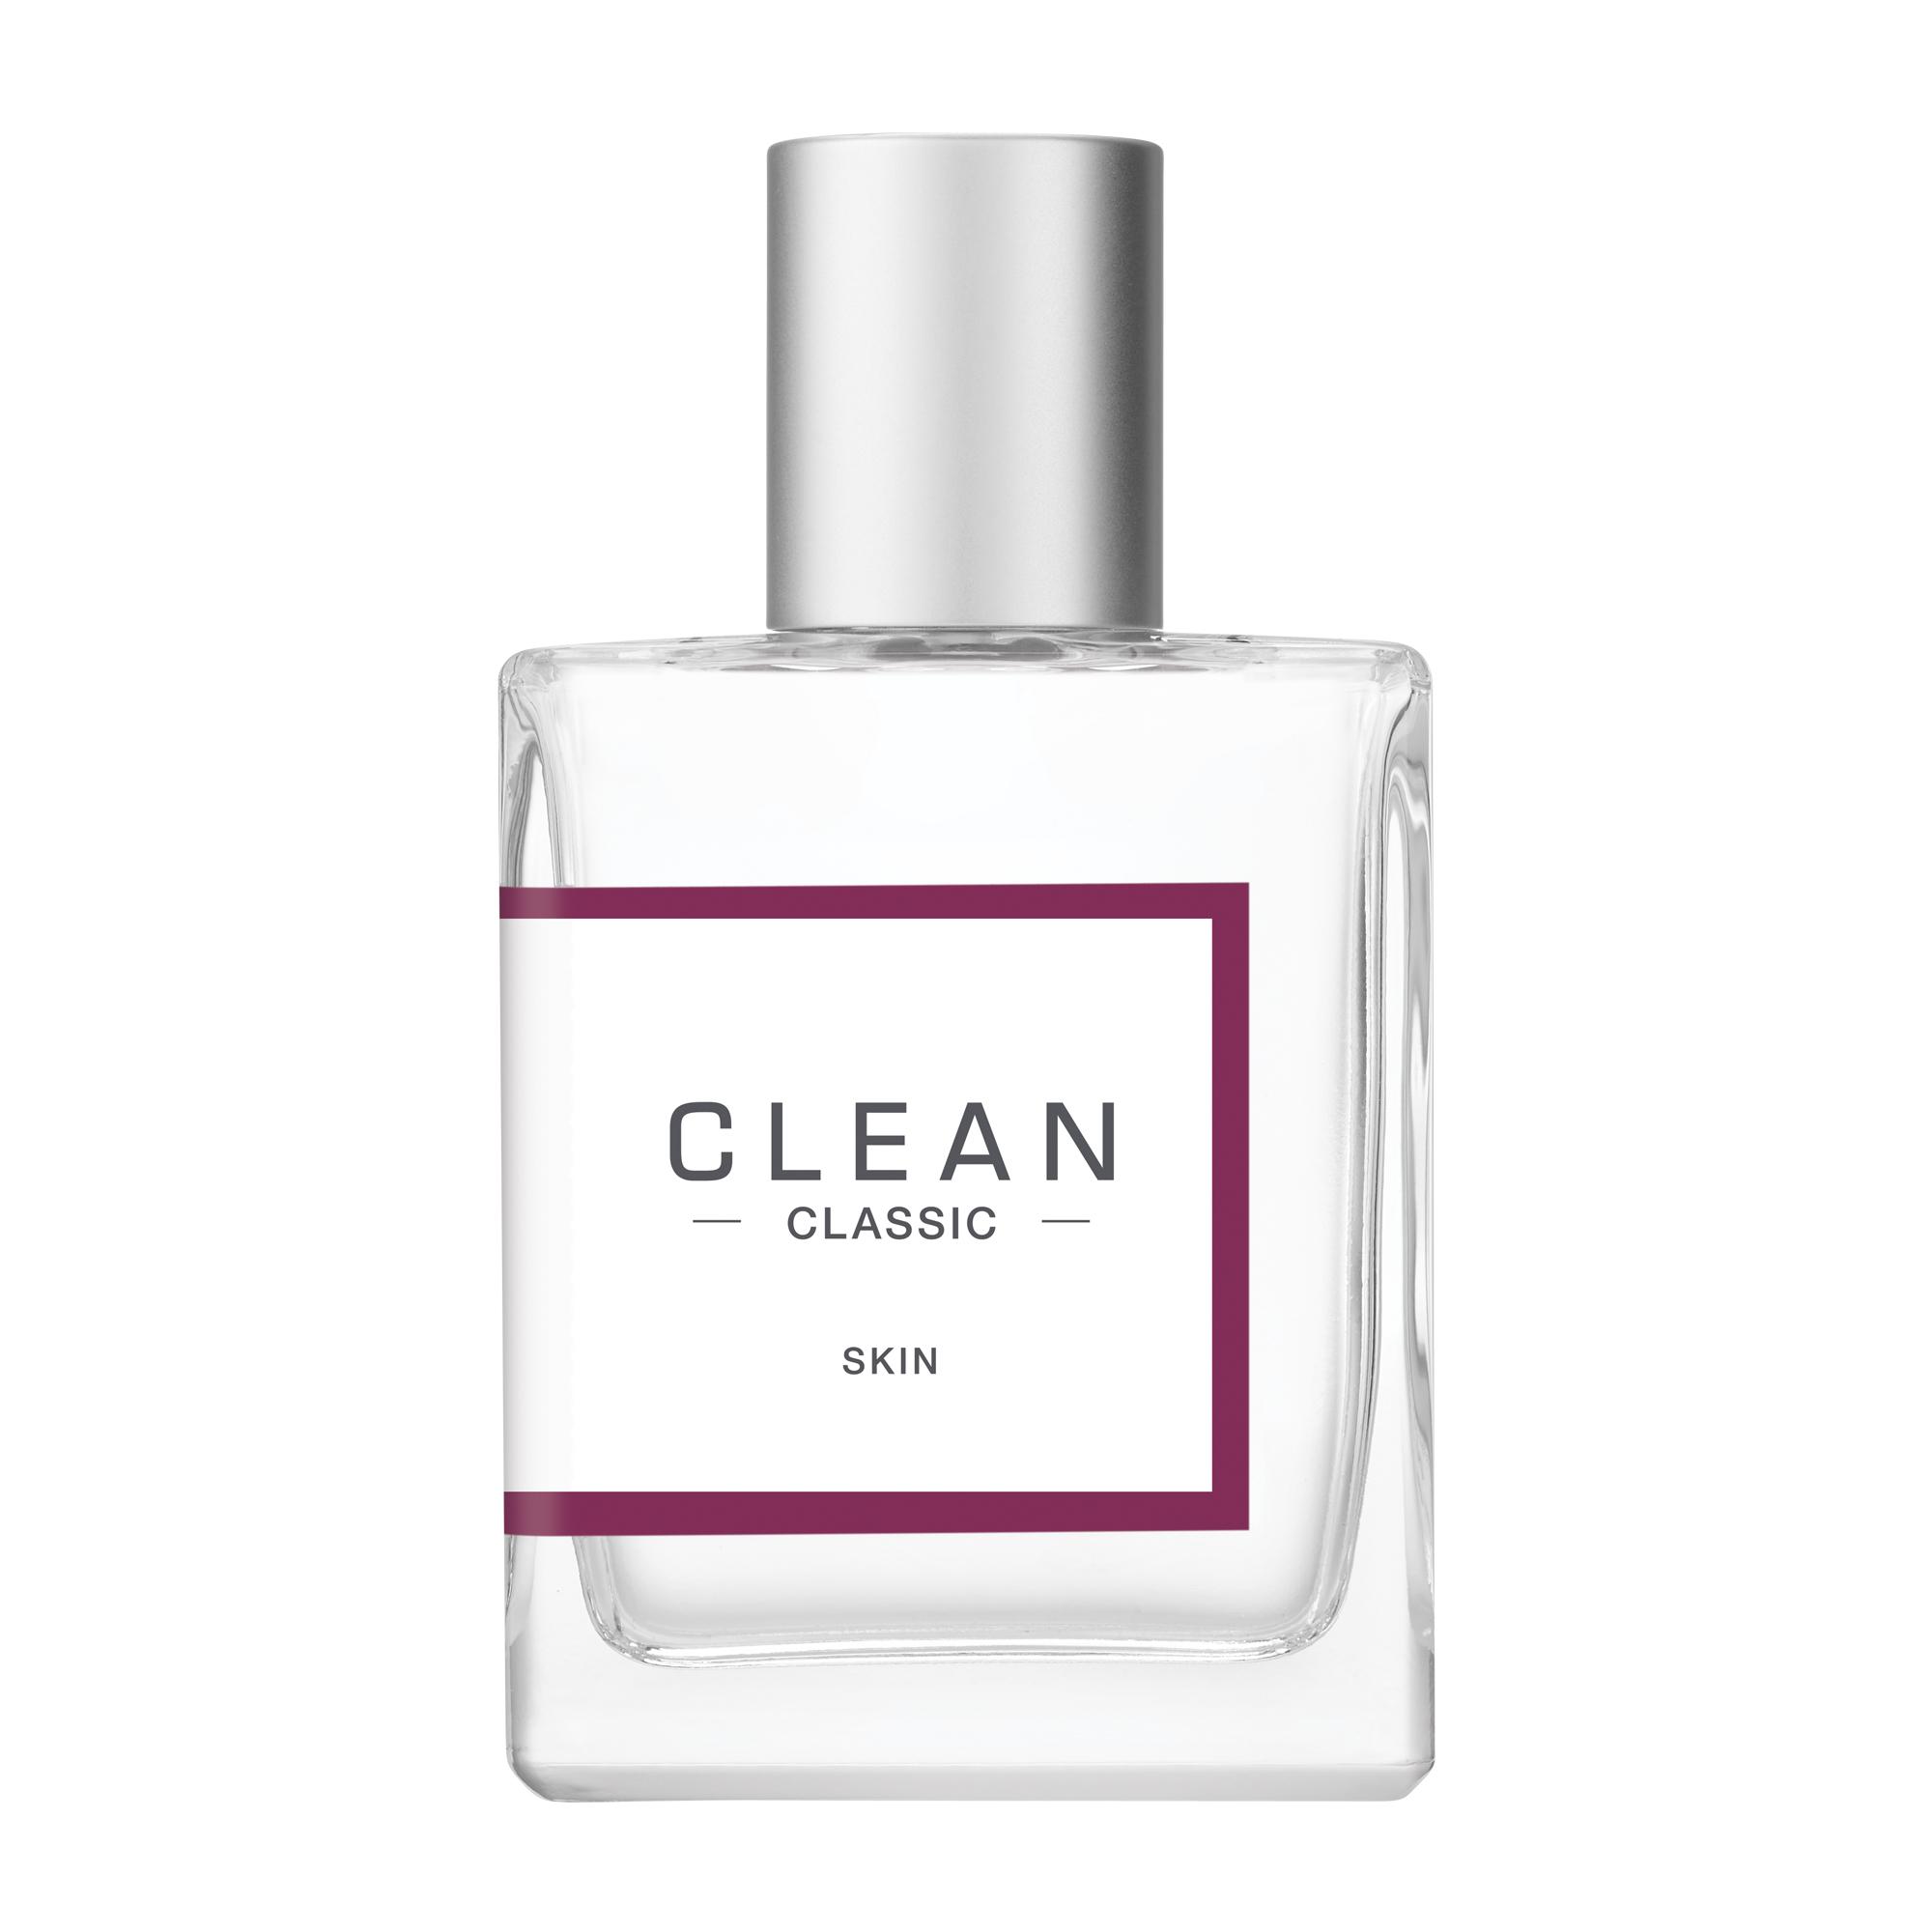 CLEAN Skin EDP, 60 ml